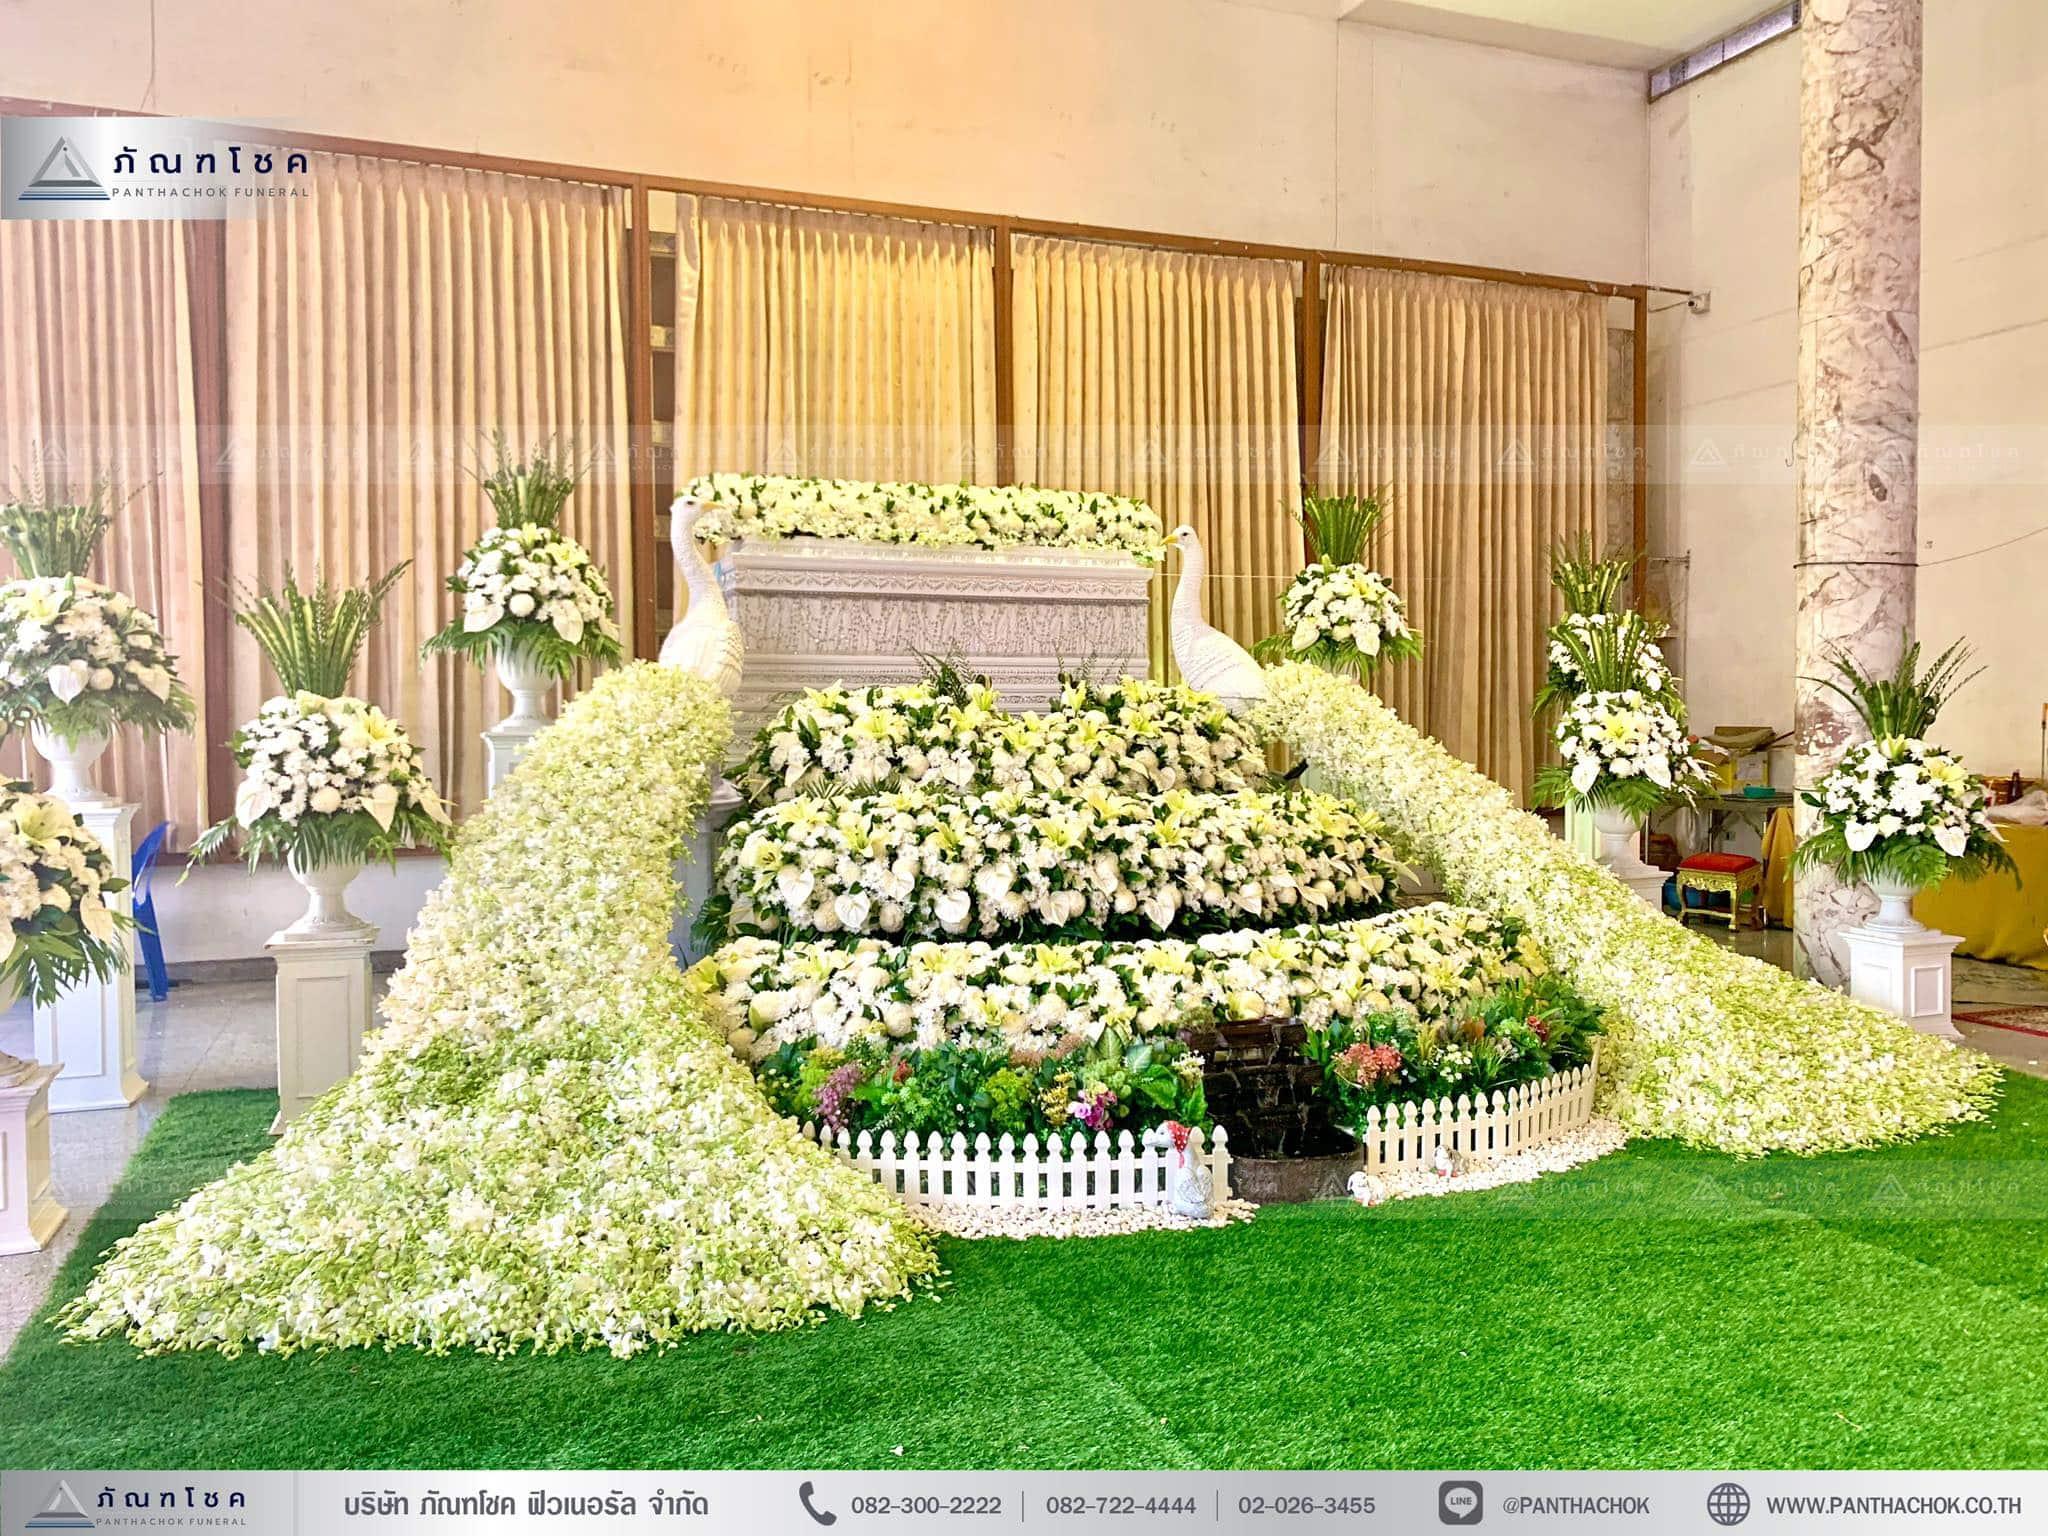 ดอกไม้ประดับหน้าโลง ดอกไม้หน้าศพ จัดดอกไม้ราชบุรี